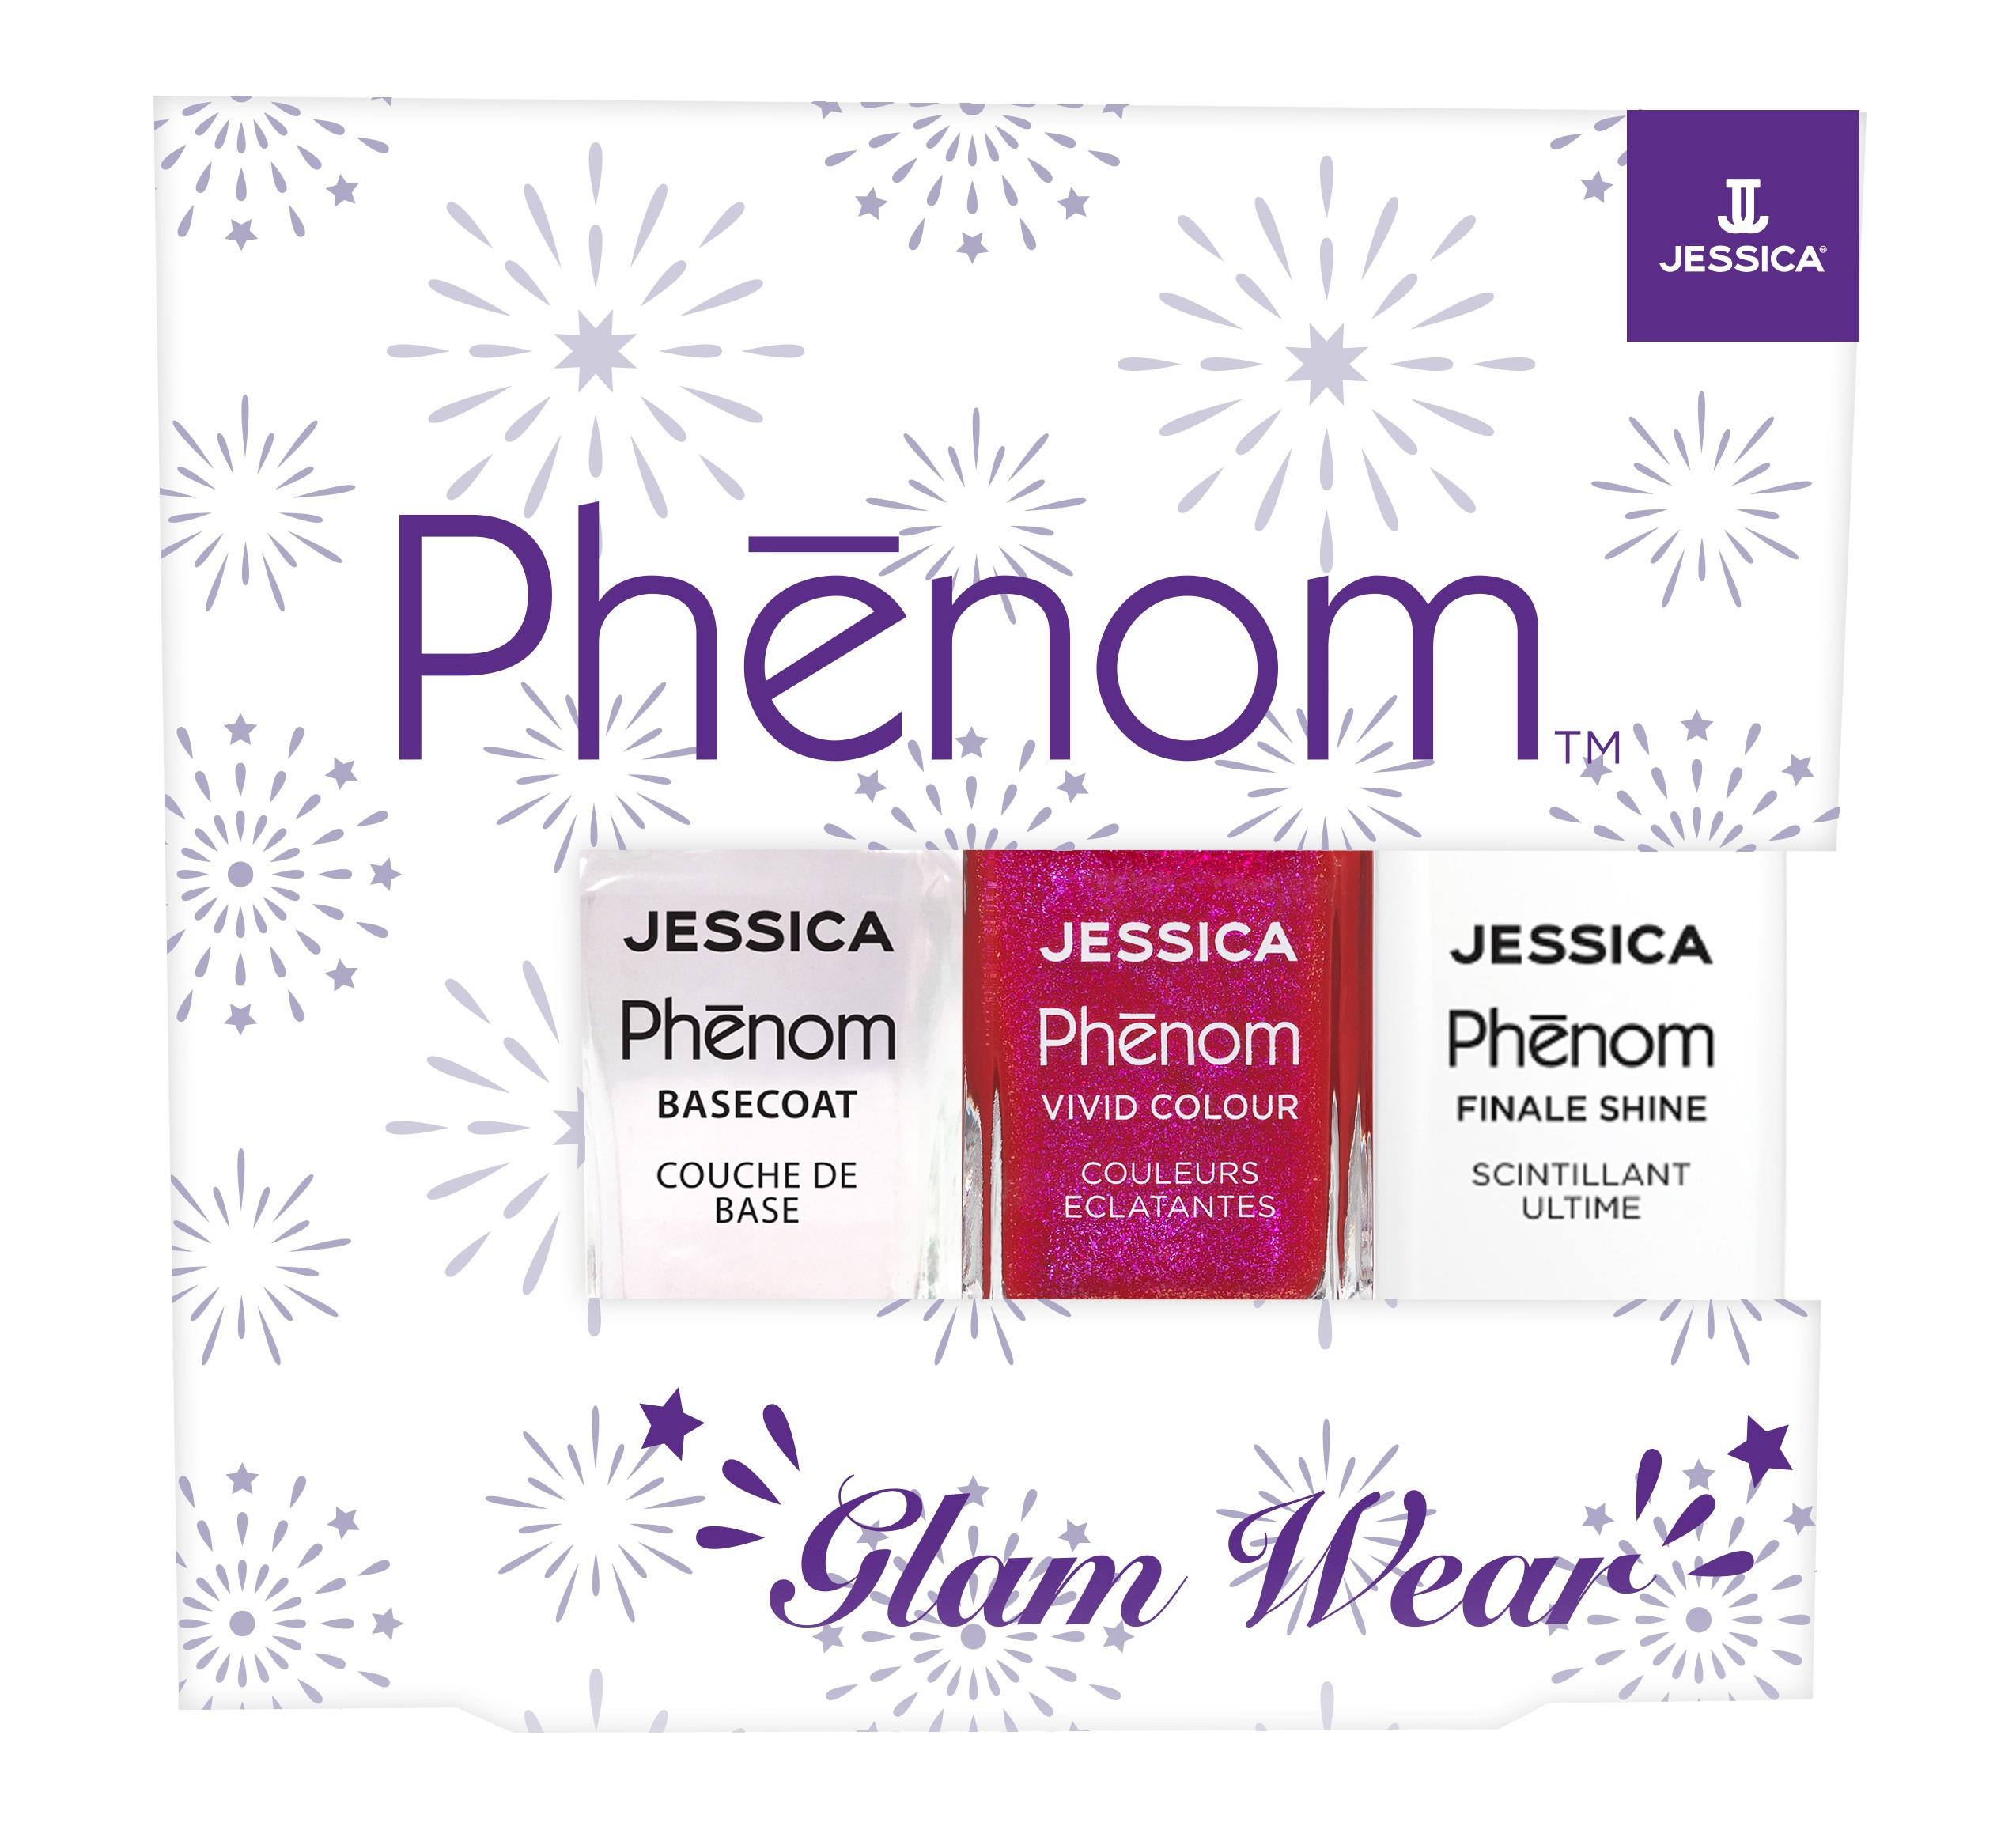 Jessica Phenom Glam Wear BeautyandHairdressing